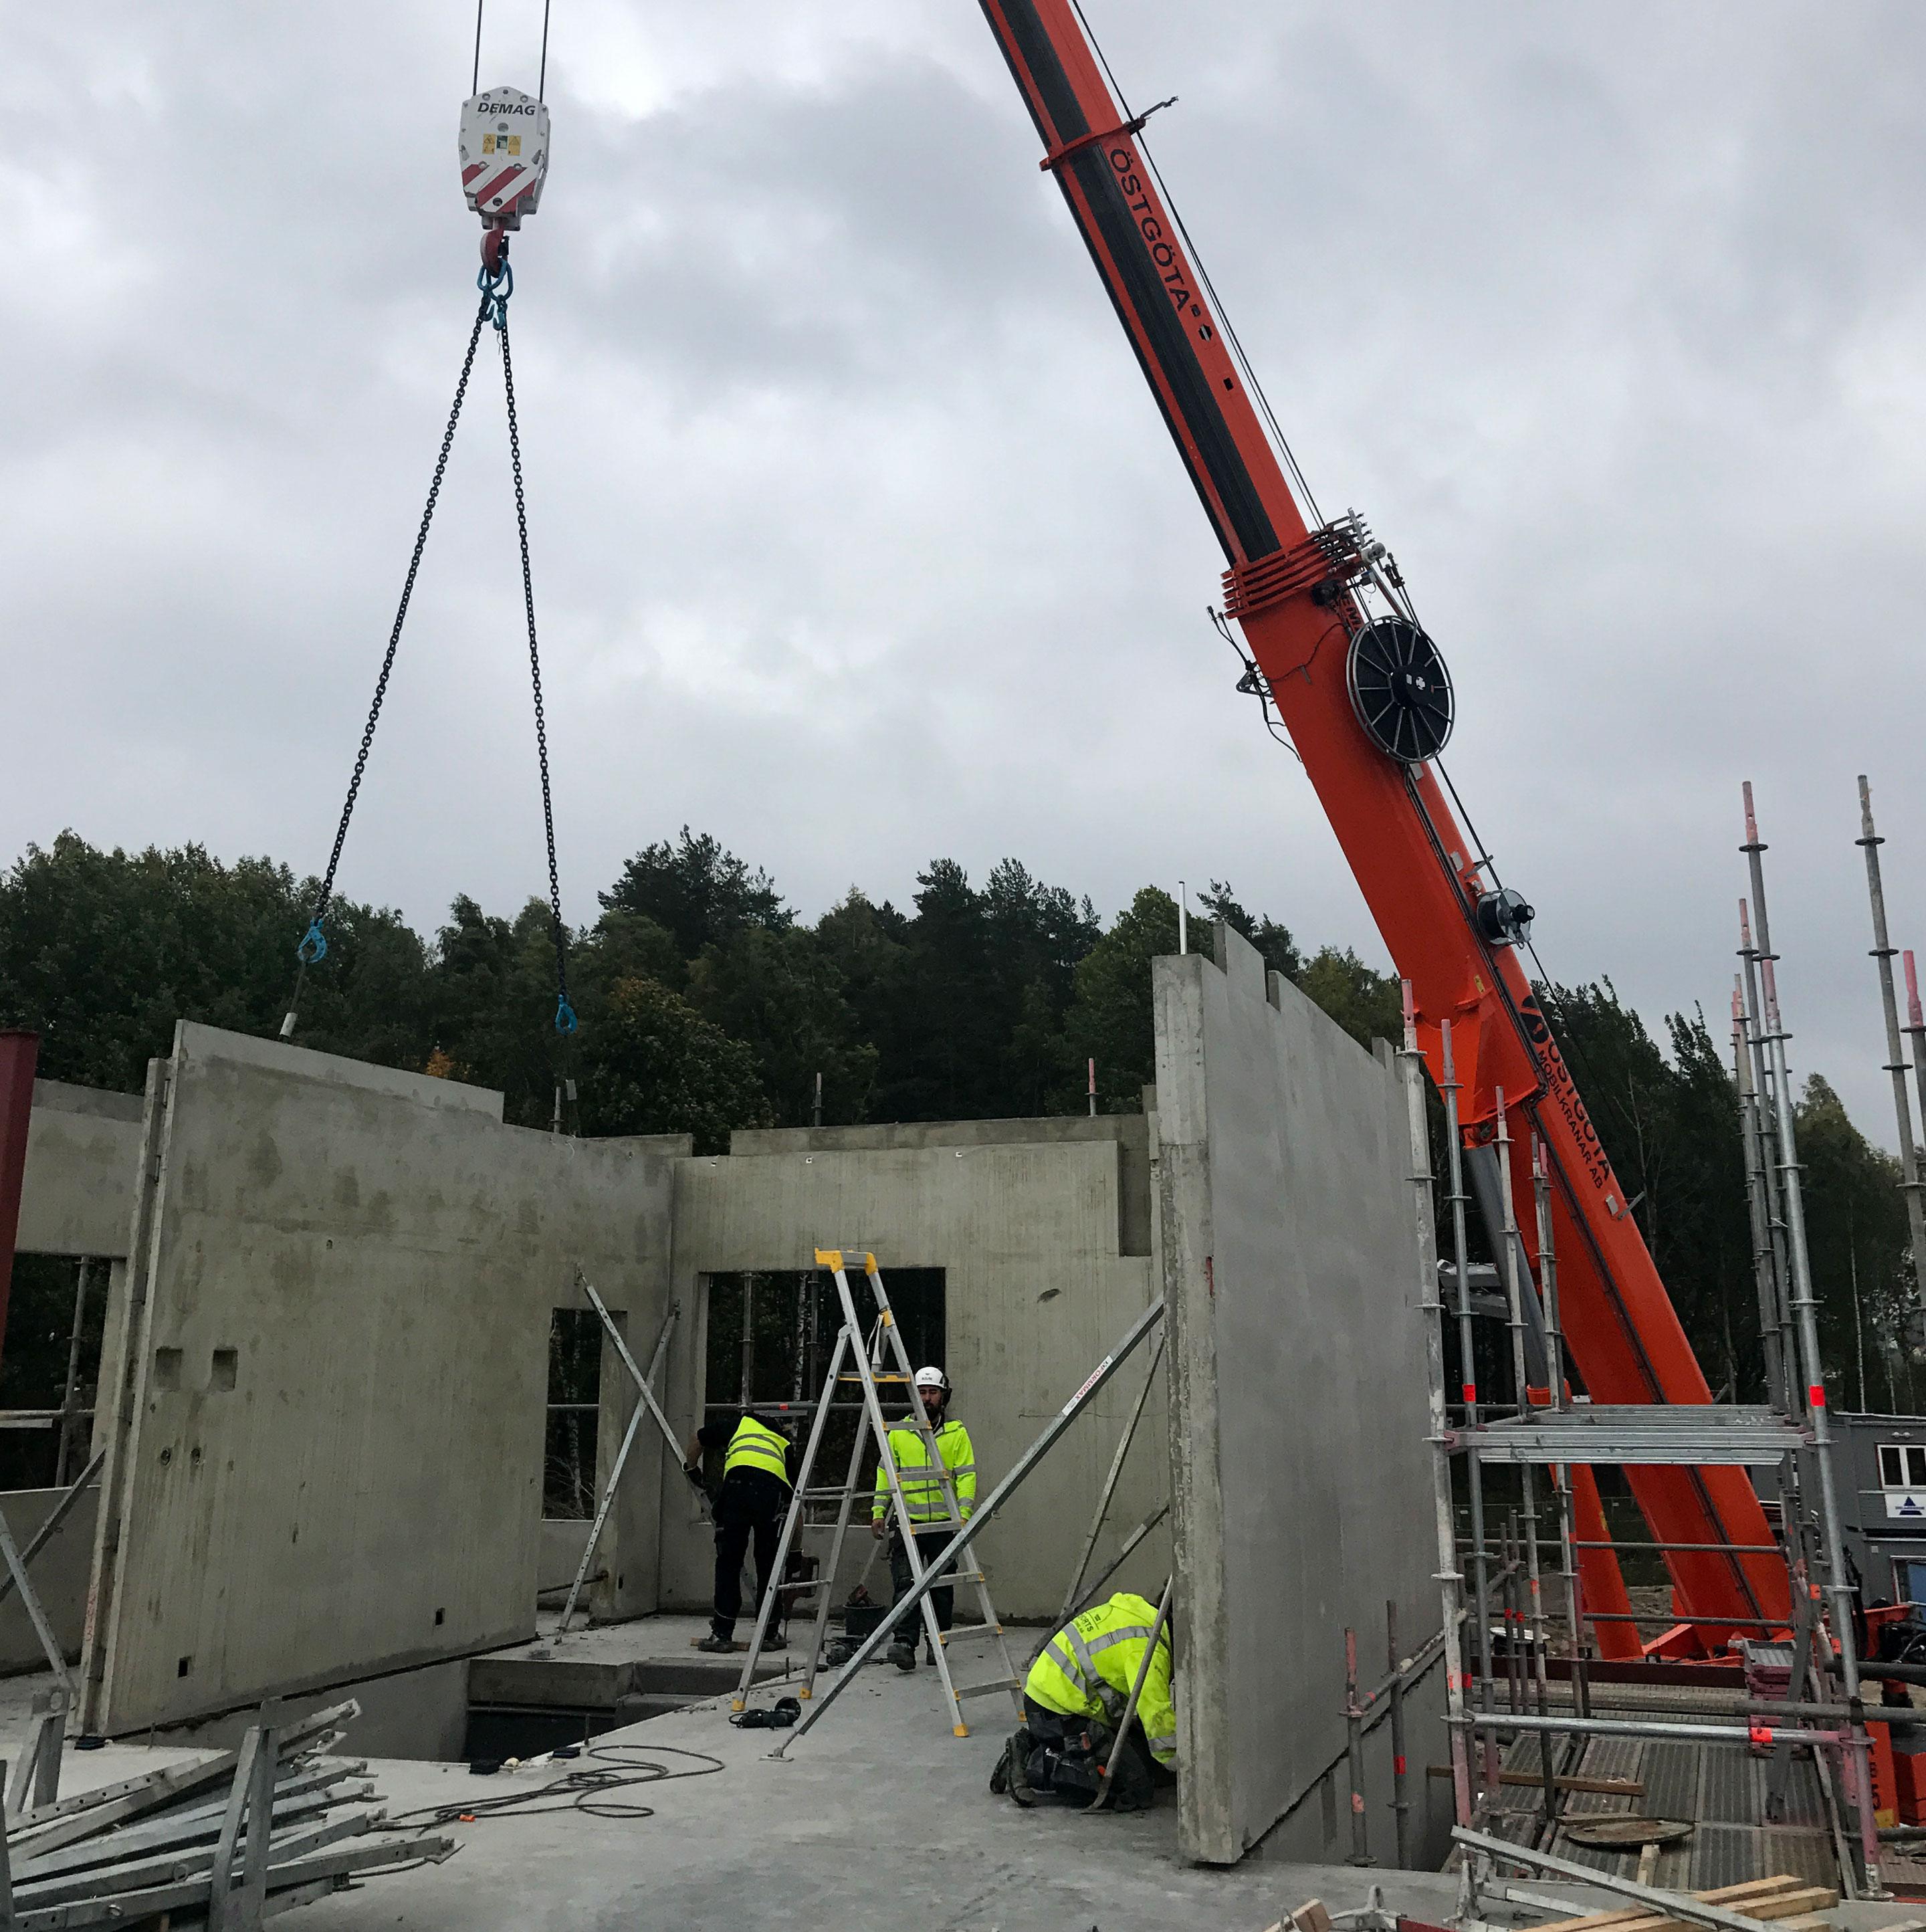 referensbild på kran och byggarbetsplats från projekt med Erlandsson bygg